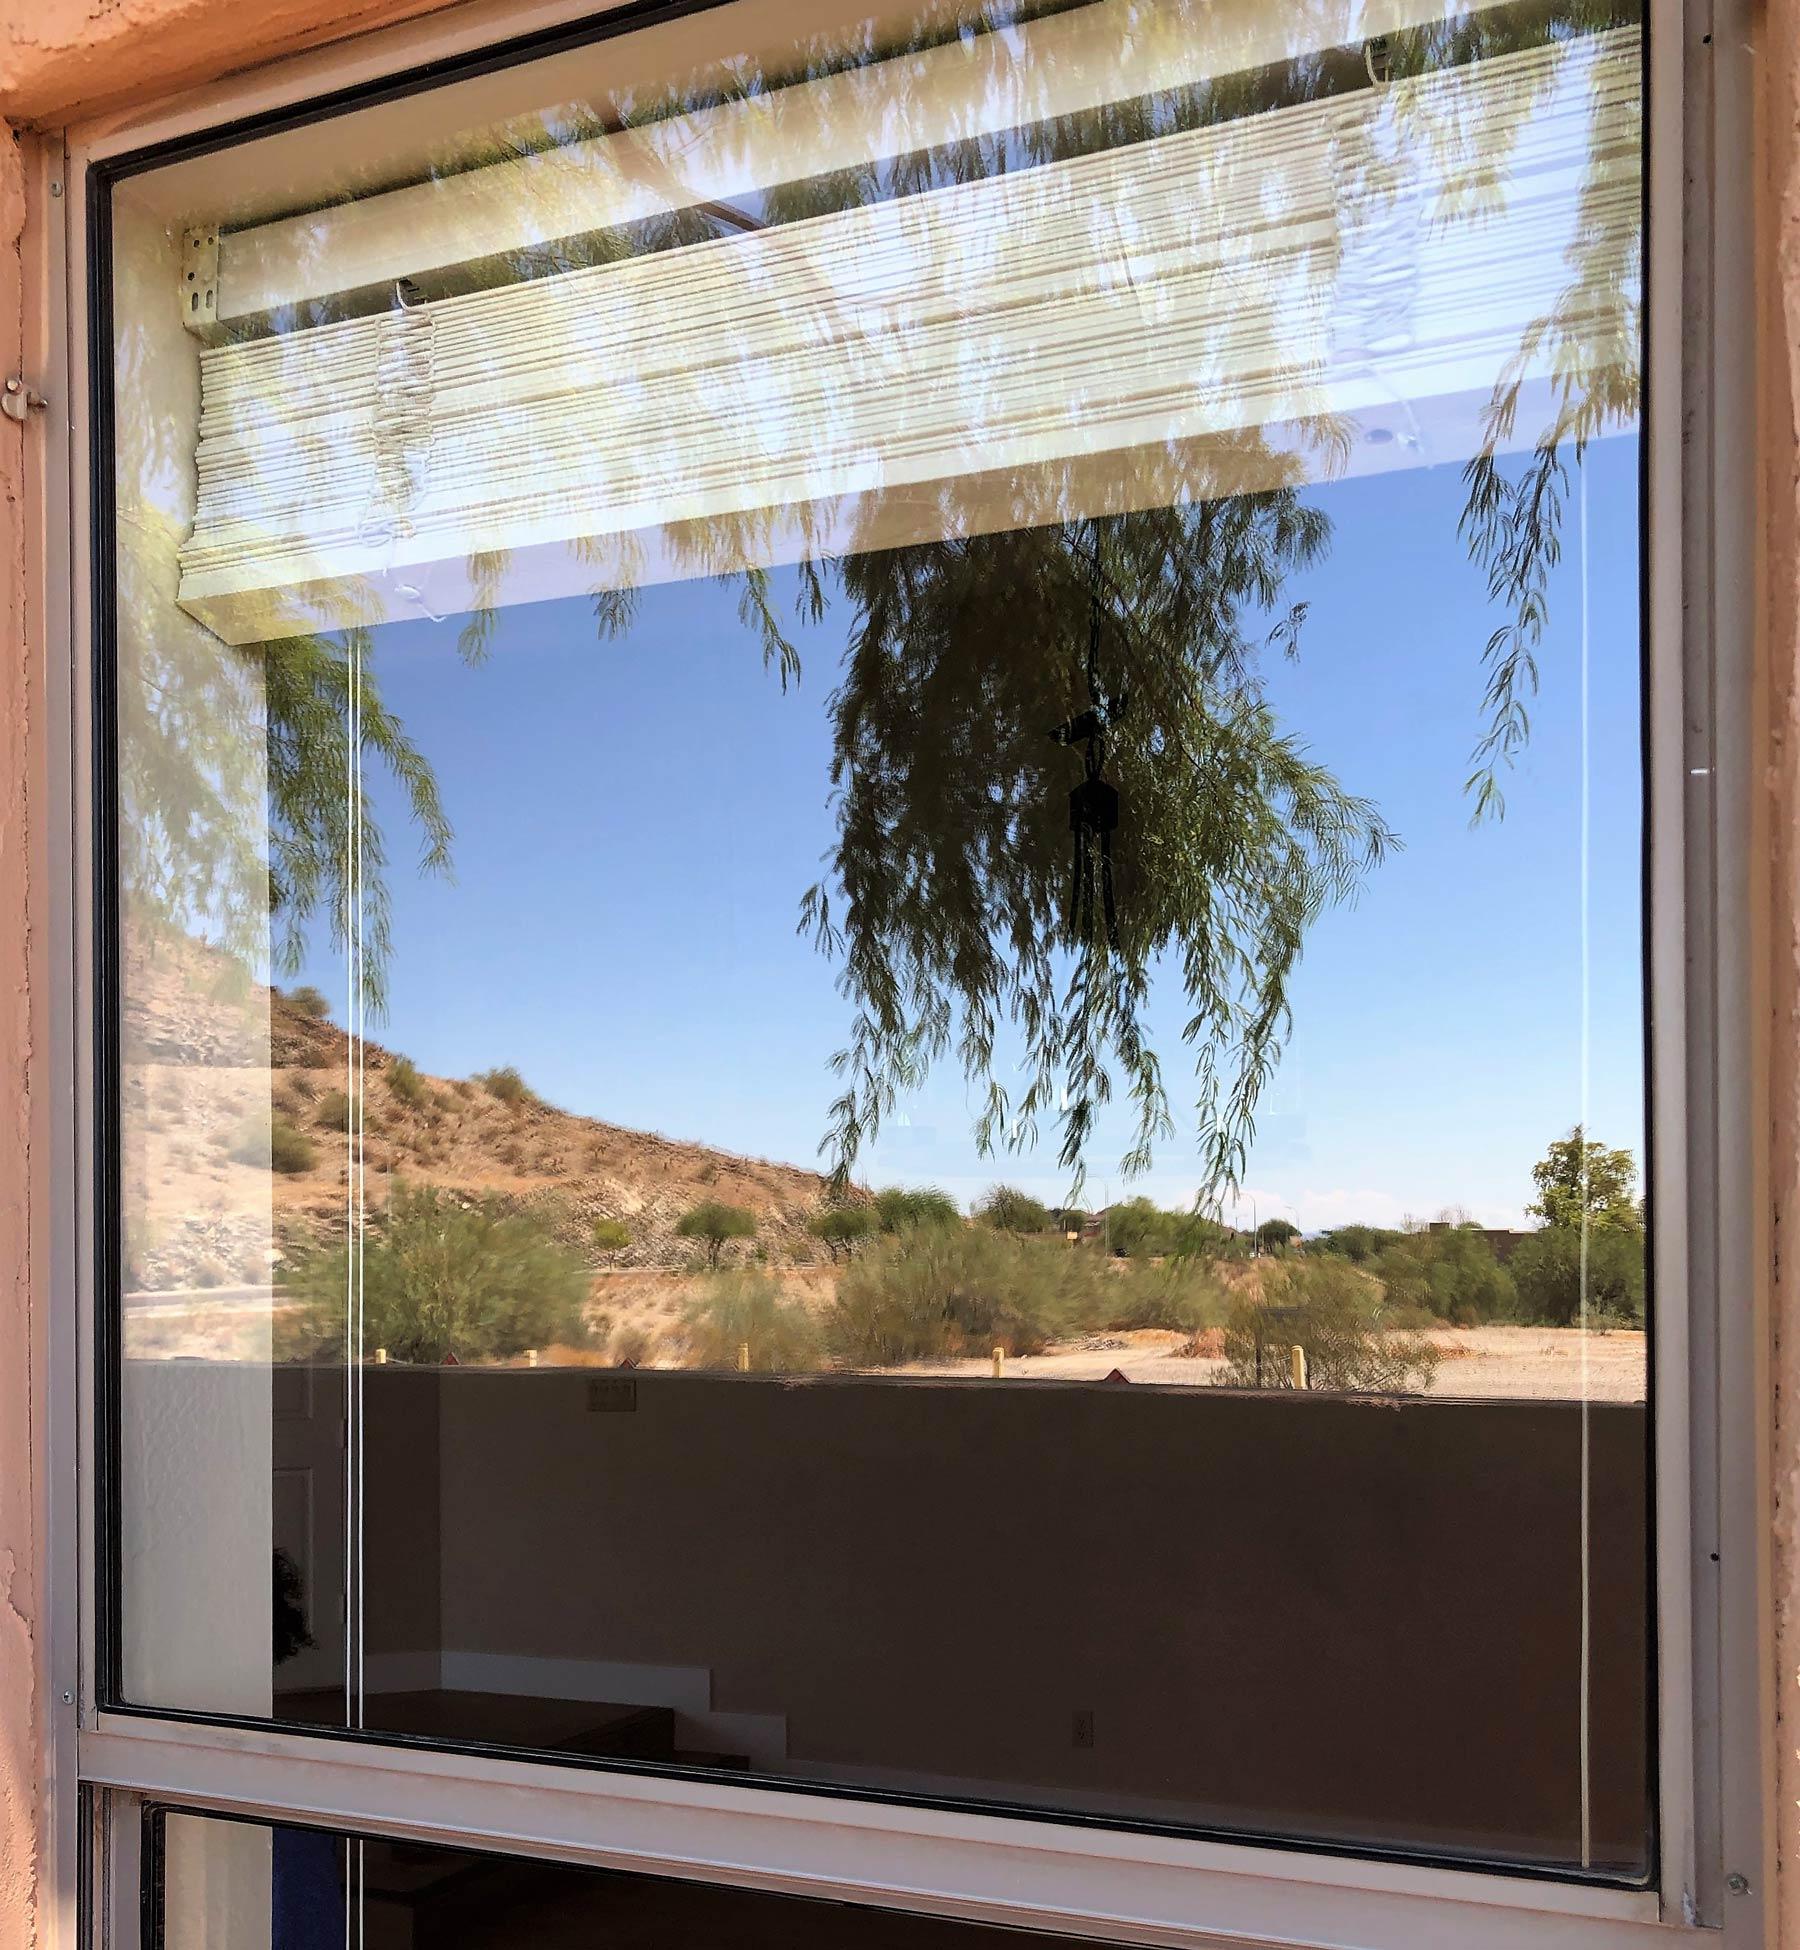 Cleaned windows in Phoenix, AZ